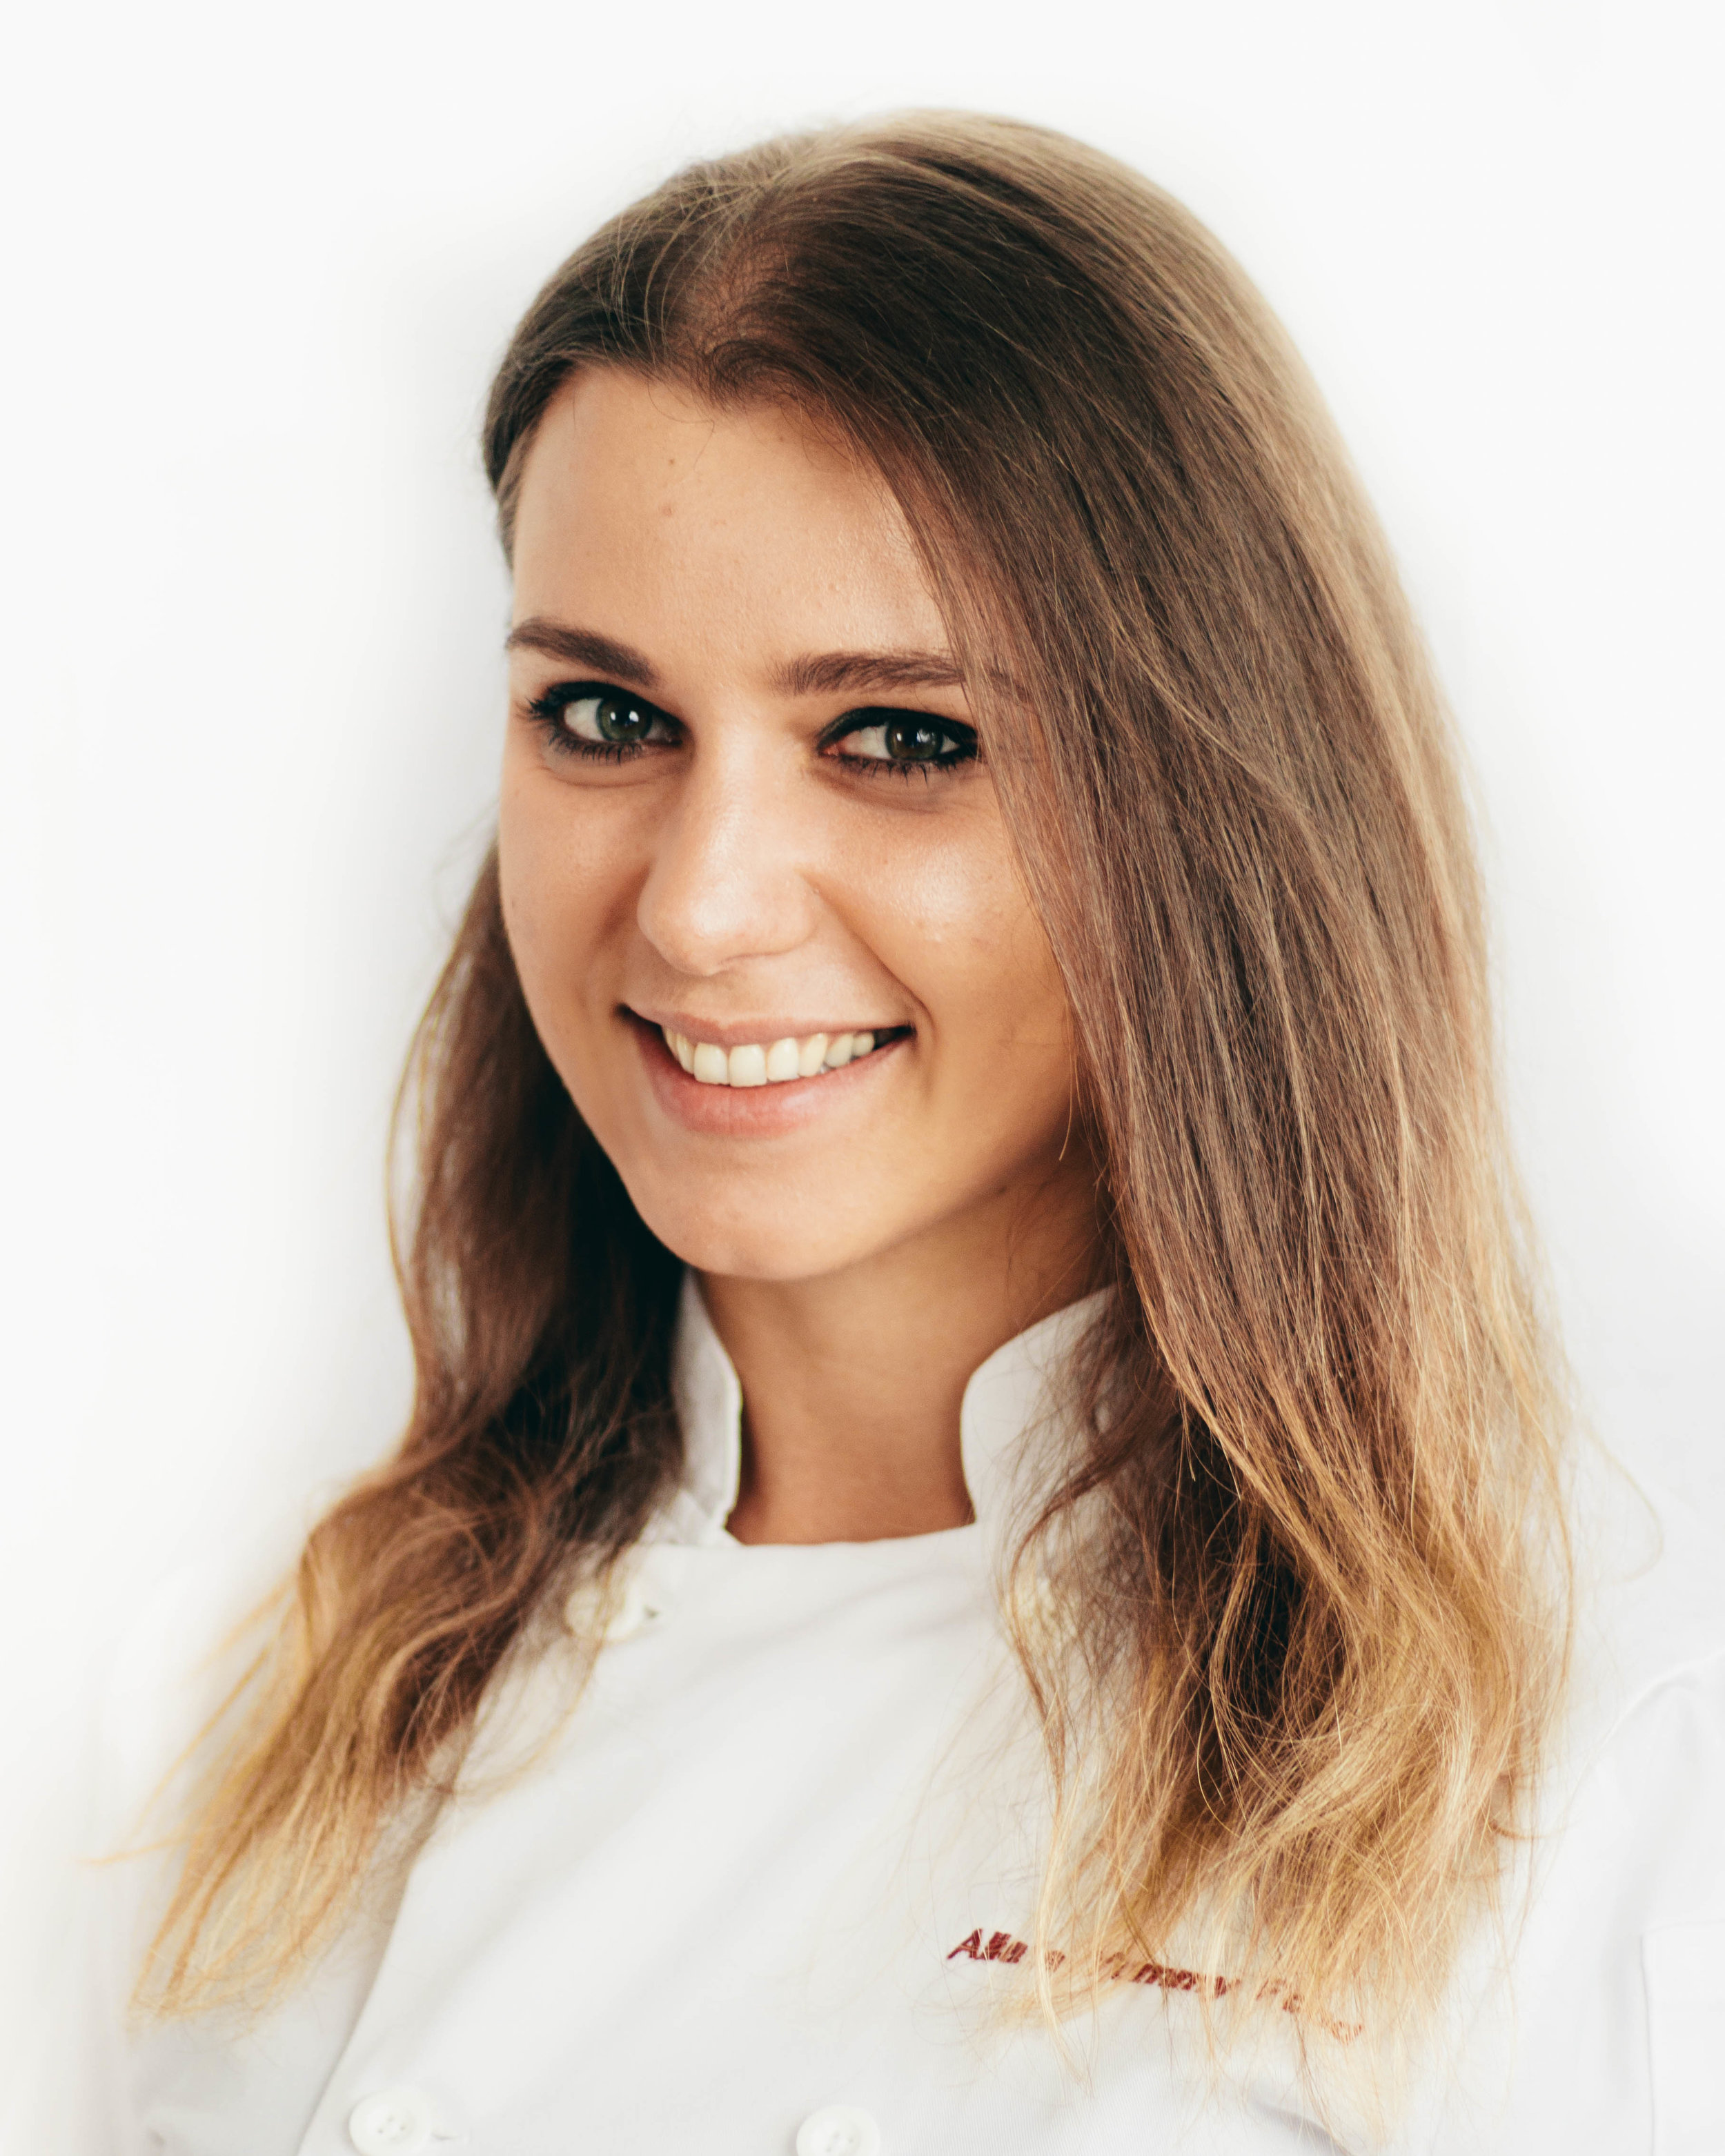 #allasyummyfood - Chef and food blogger- allasyummyfood.com